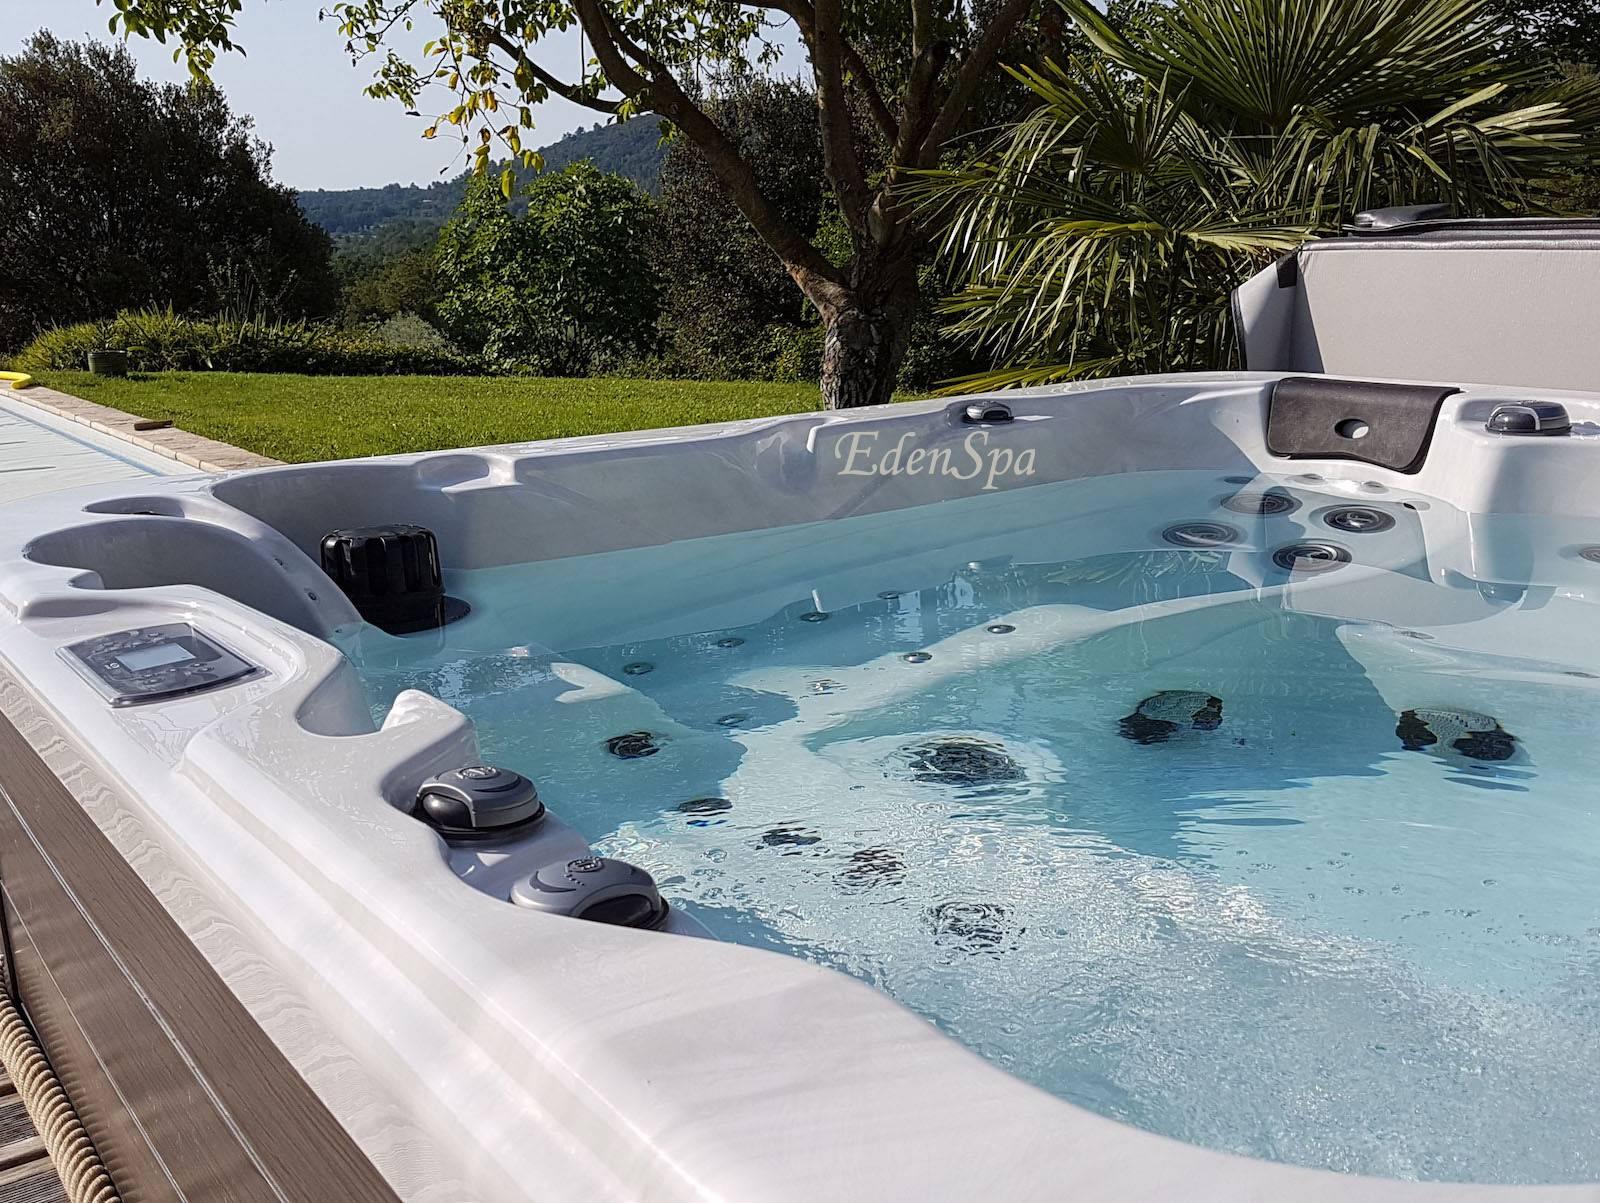 spa 5 places 65 jets o565 beaumont de pertuis edenspa. Black Bedroom Furniture Sets. Home Design Ideas